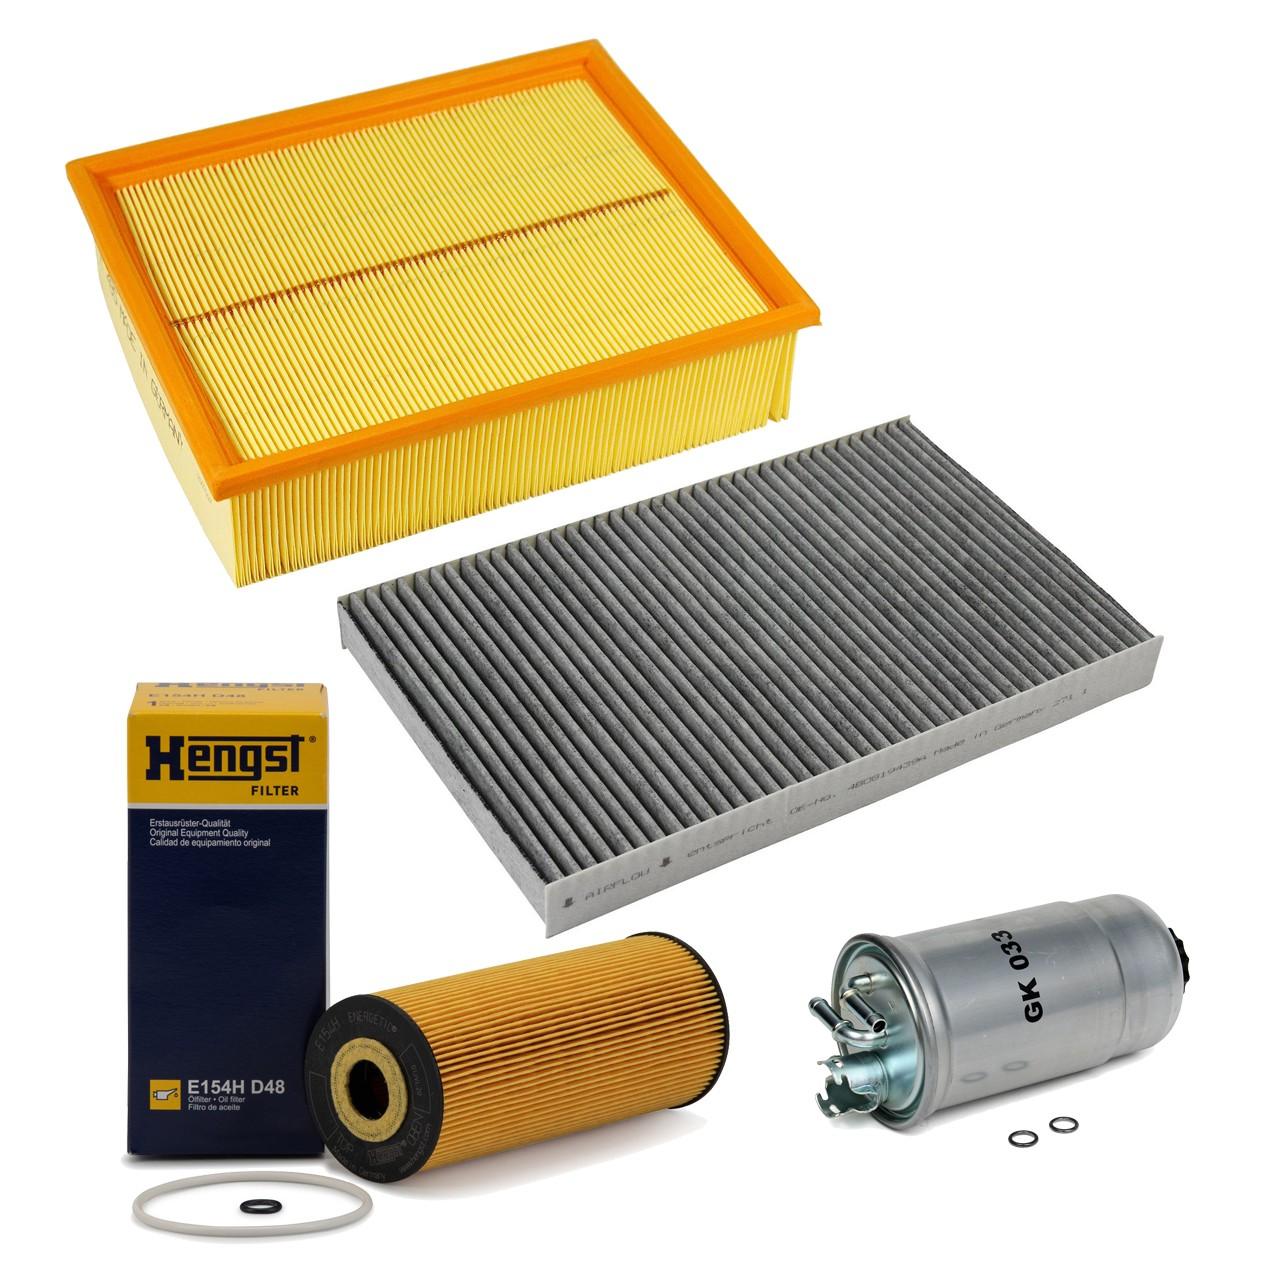 Inspektionskit Filterpaket Filterset für Audi A4 8E B6 B7 1.9/2.0TDI 101-140 PS